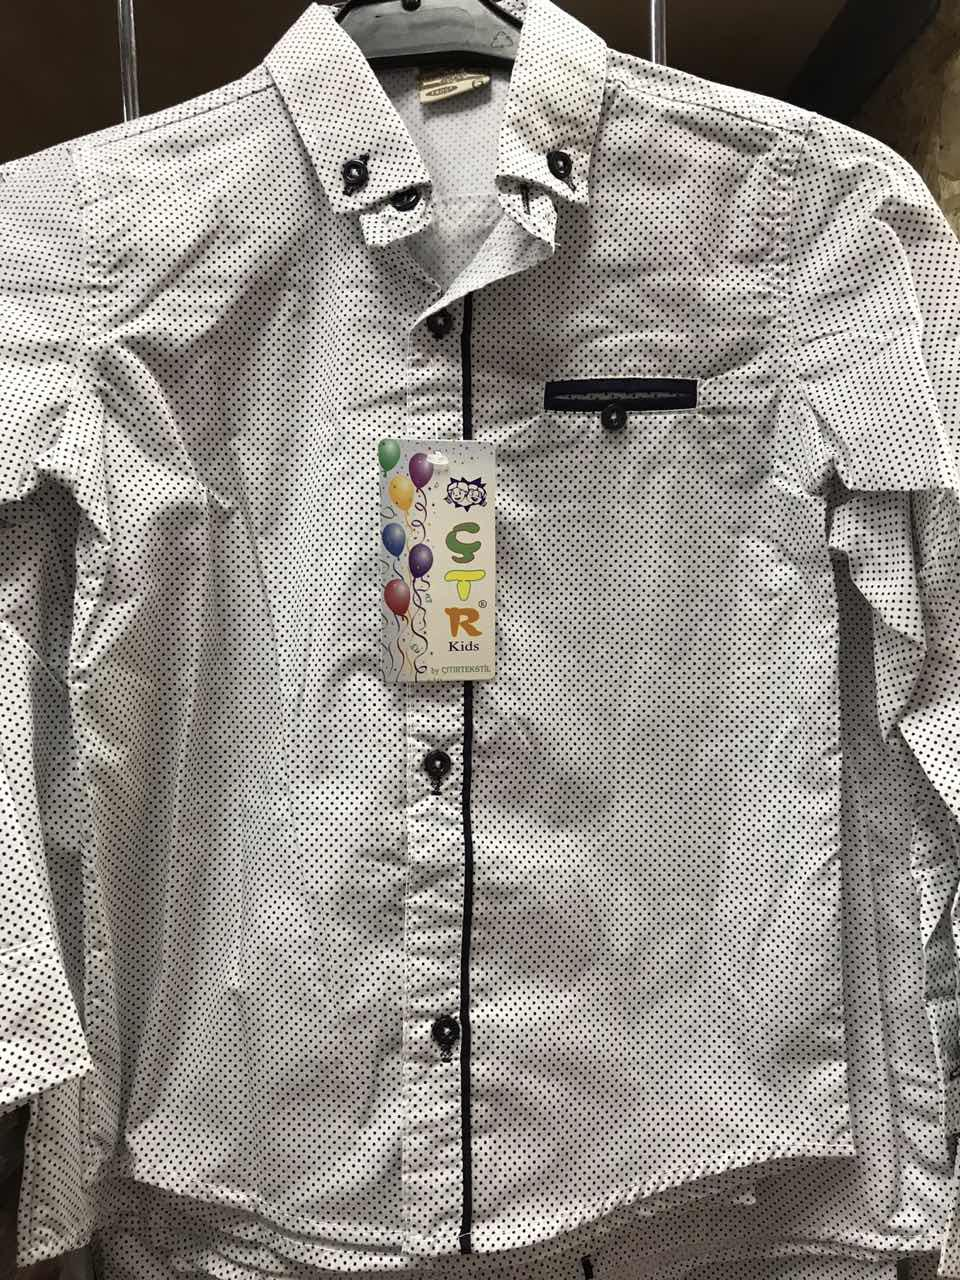 Детская рубашка GTR kids